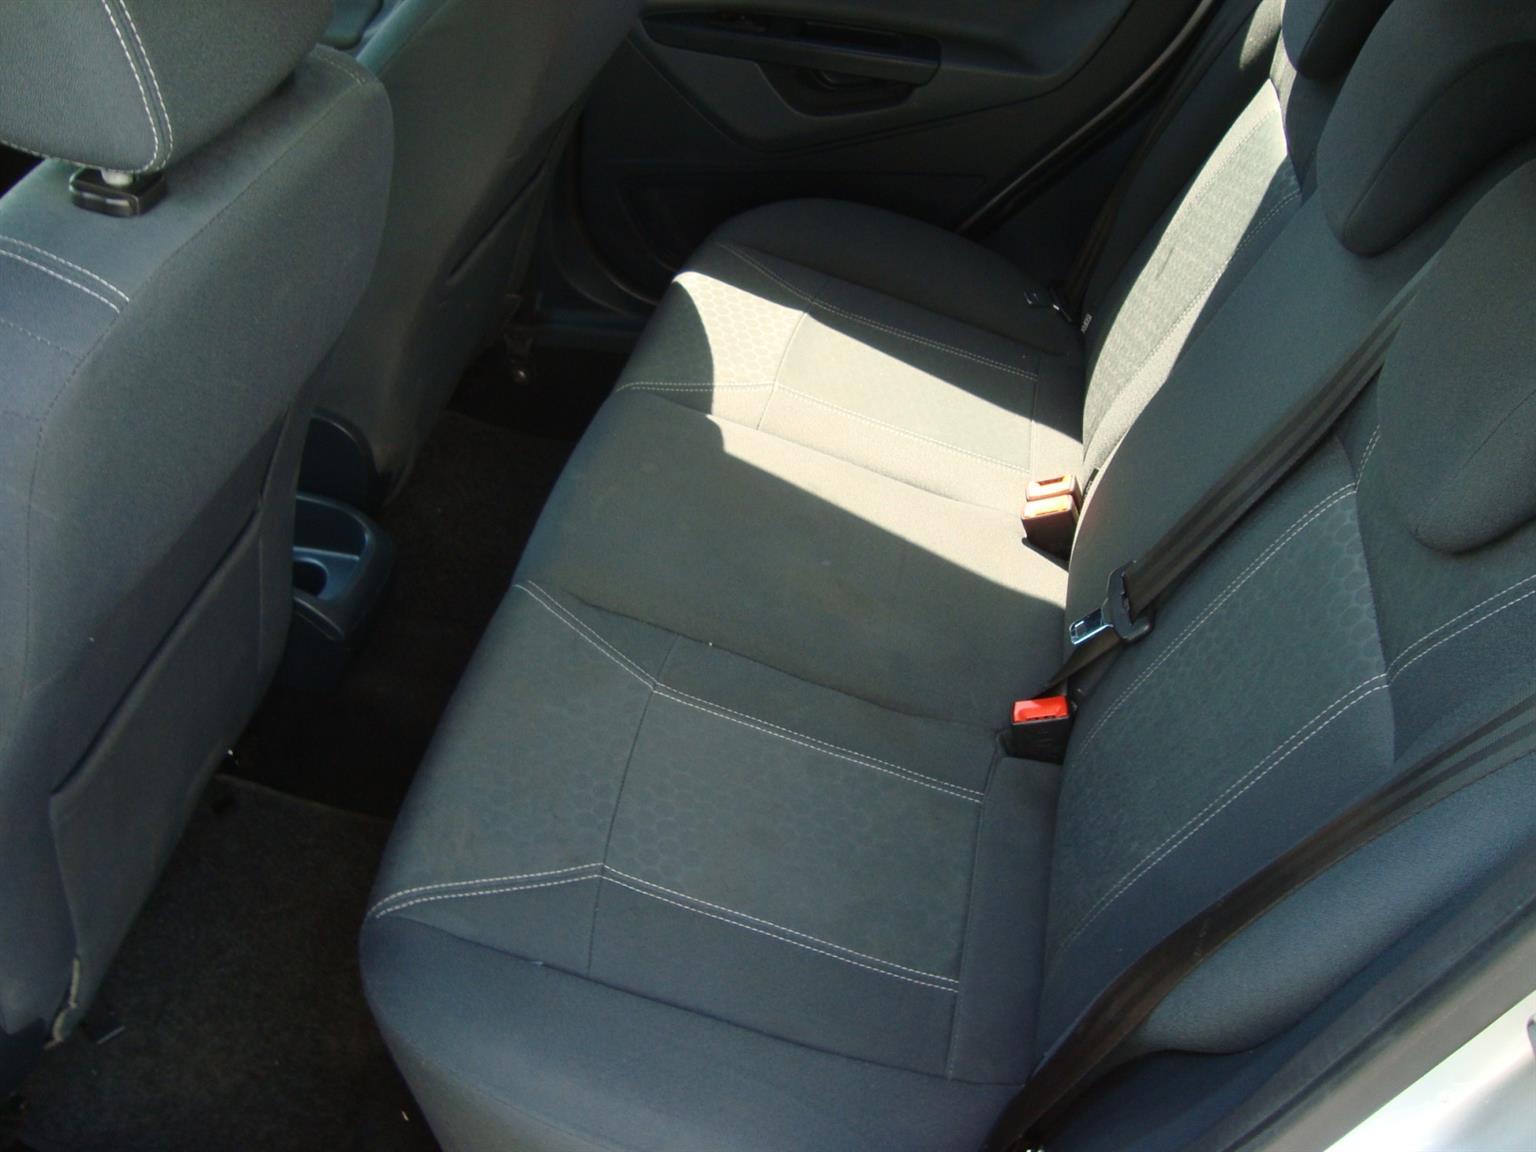 2009 Ford Fiesta 1.6 5 door Titanium